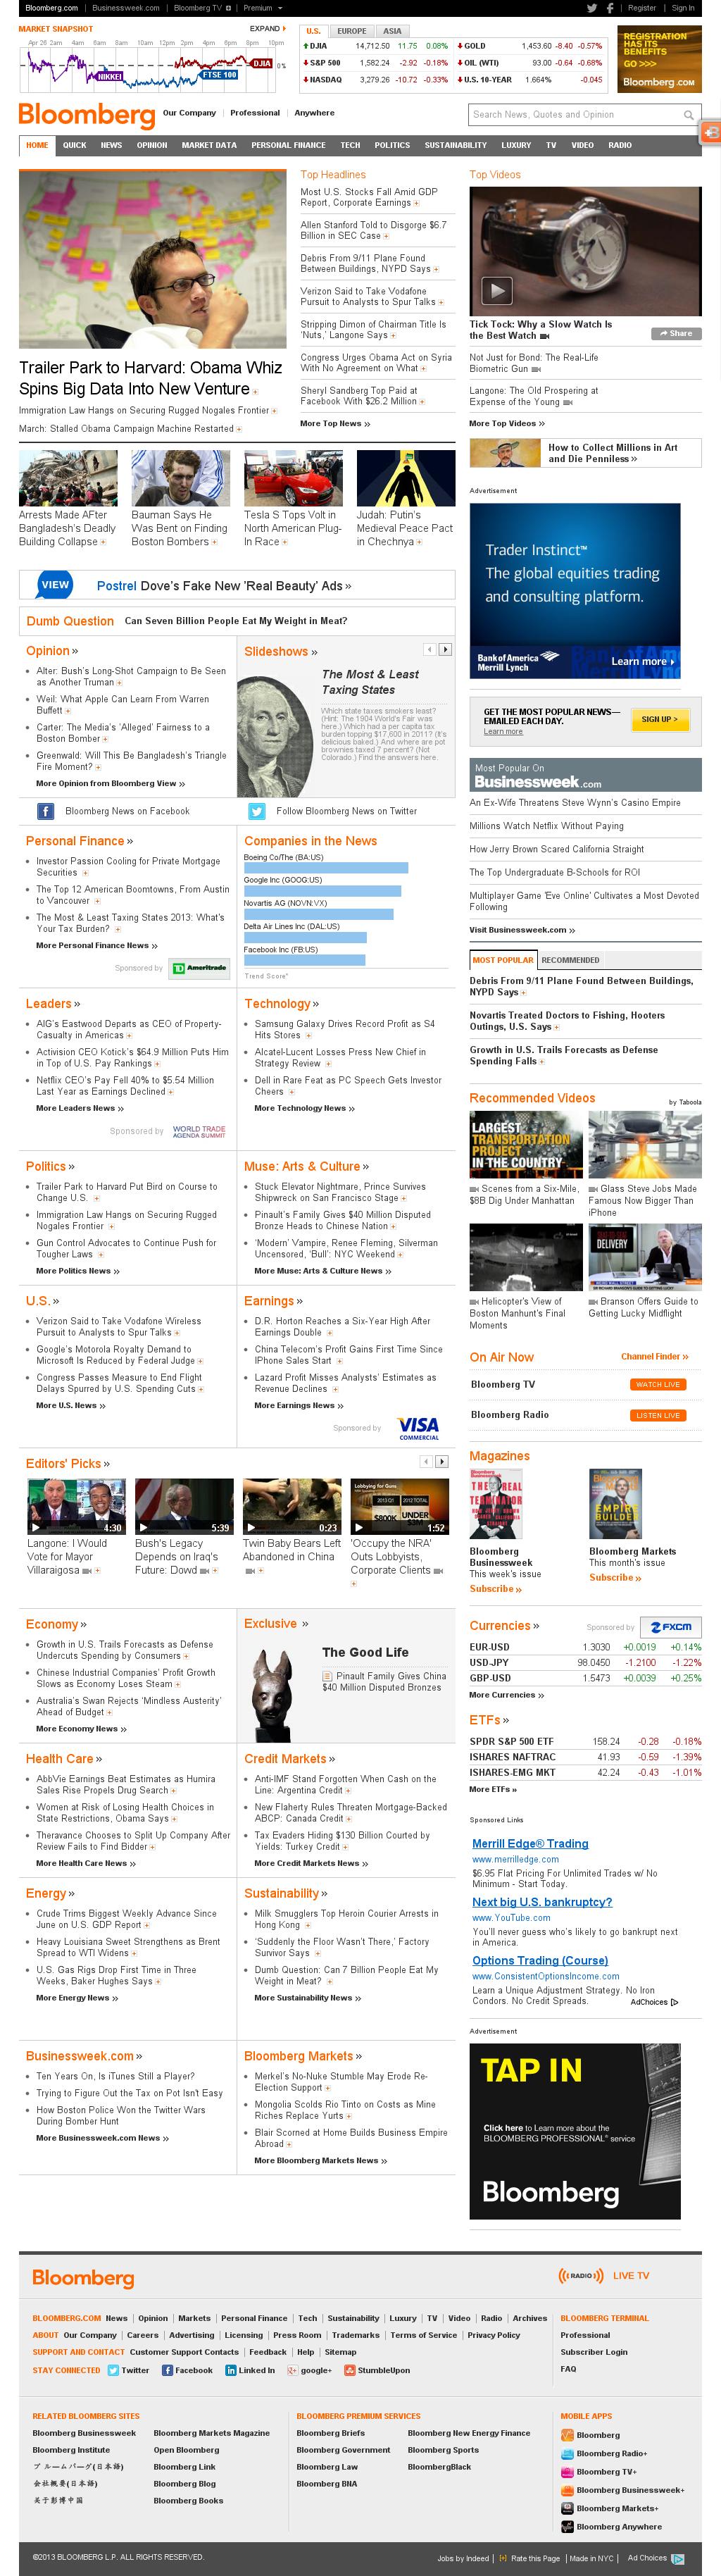 Bloomberg at Saturday April 27, 2013, 5:02 a.m. UTC